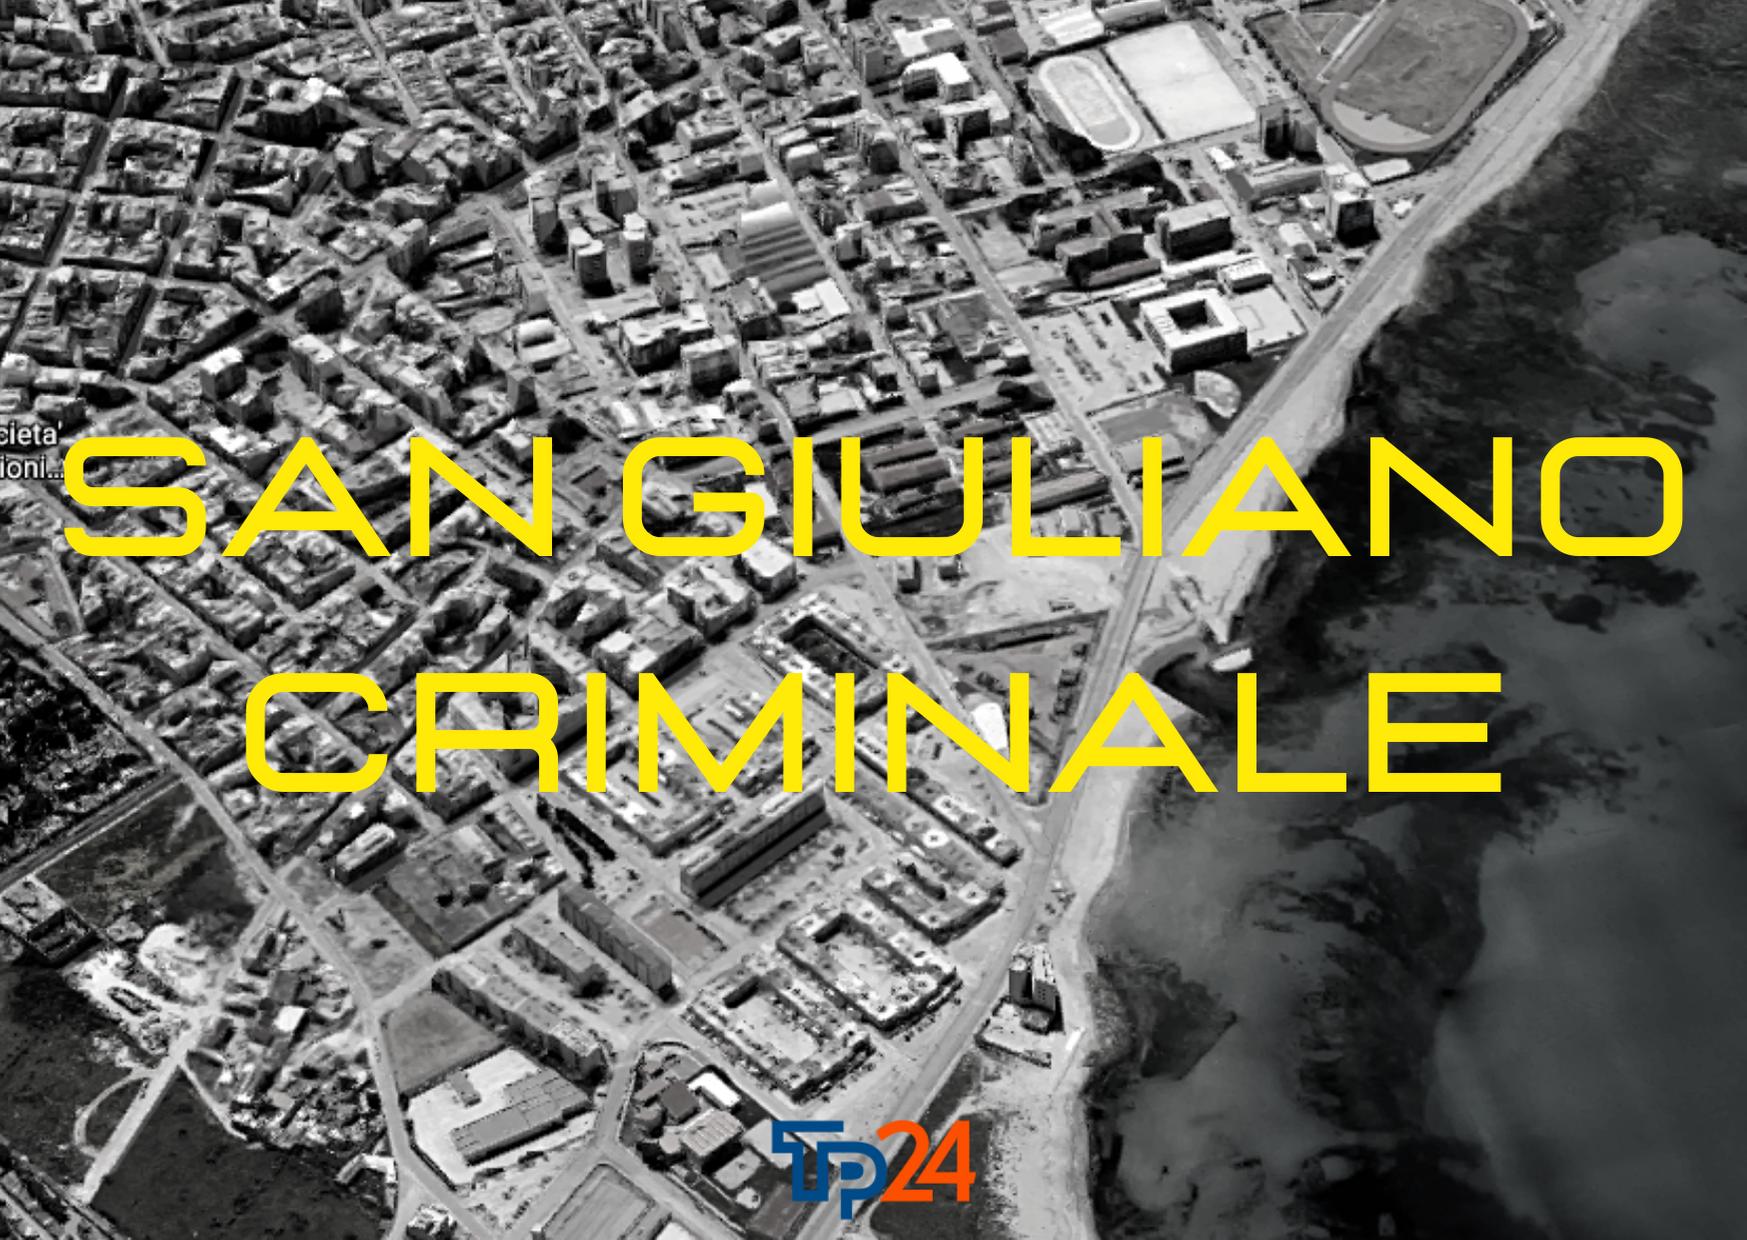 San Giuliano criminale/1. Non solo mafia. Inchiesta sulla malavita che domina Erice e Trapani